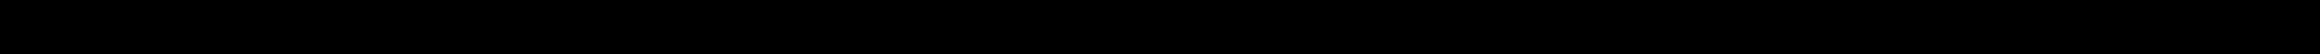 DENSO 99906-910X9018, NDIXU22, NDIXU22A, I08, 98069-5697QHE Aizdedzes svece